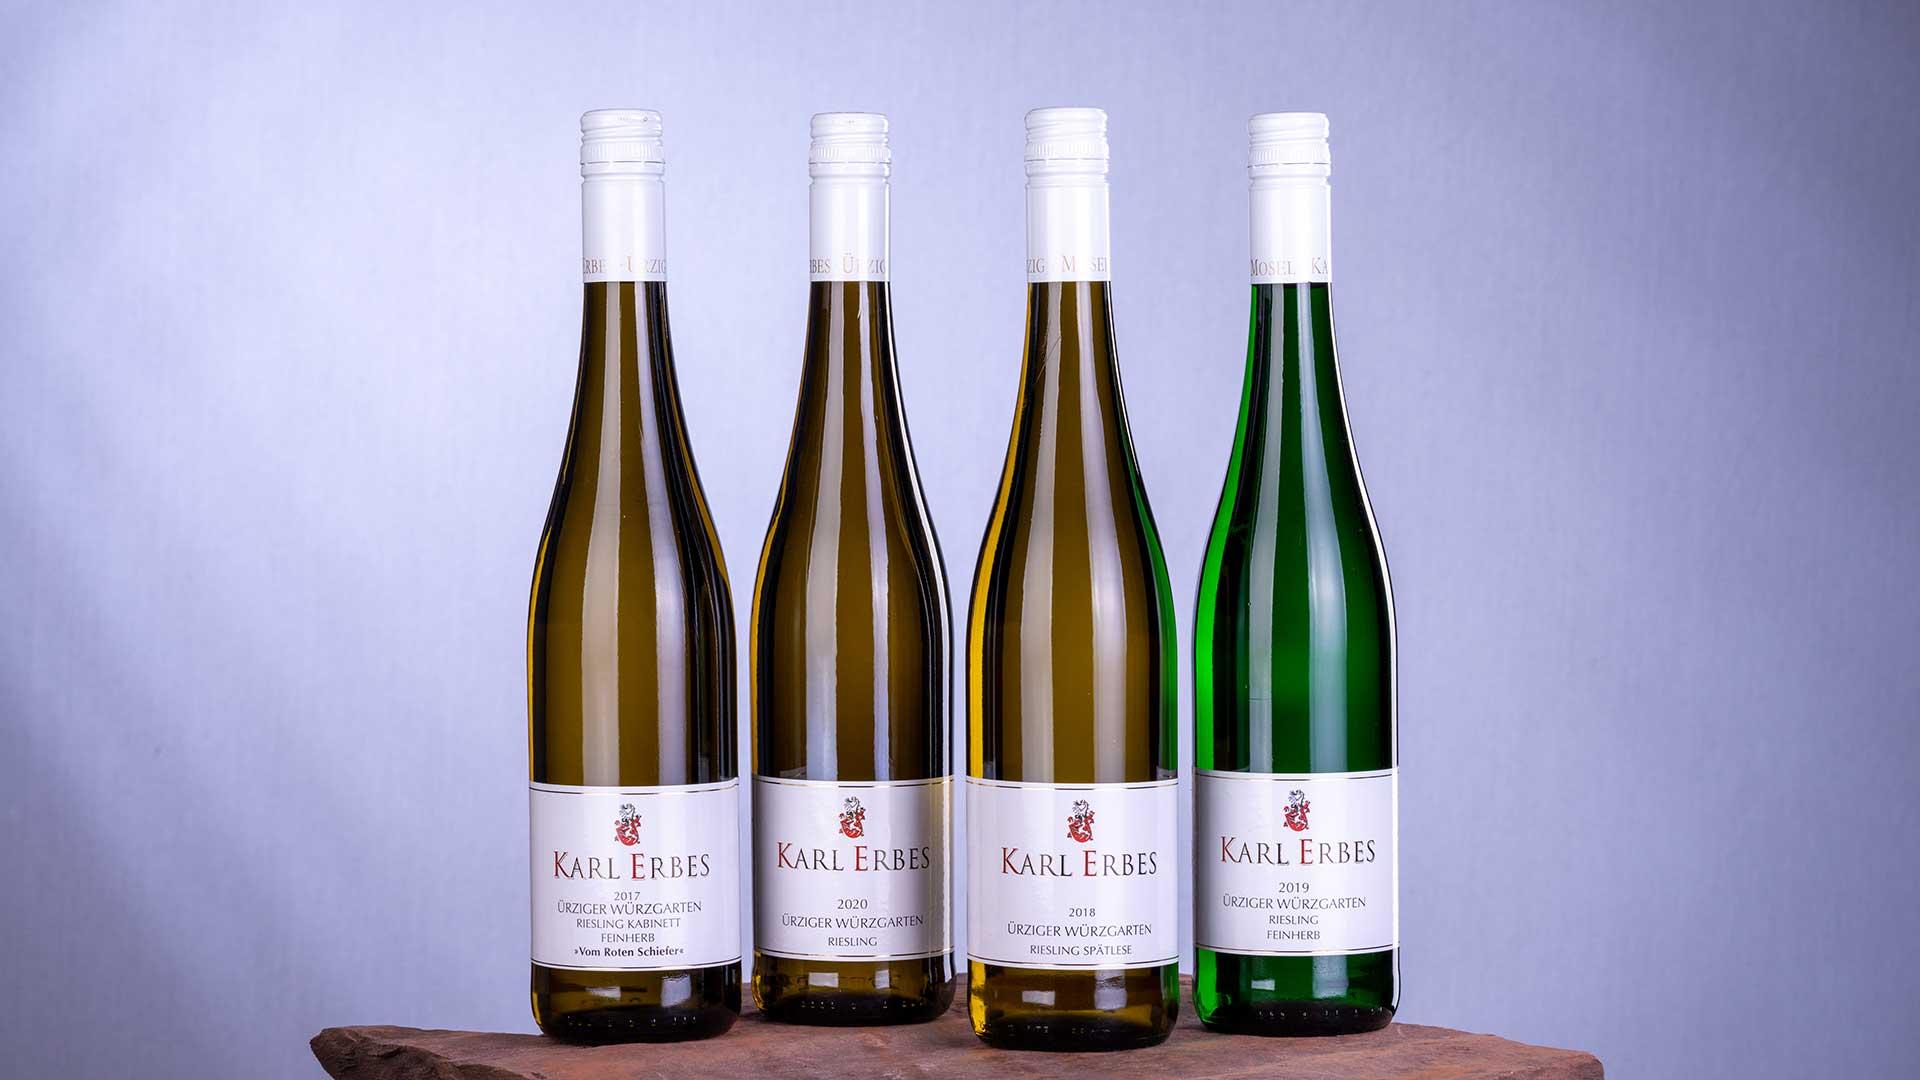 Weinflaschen Weingut Karl Erbes Ürzig